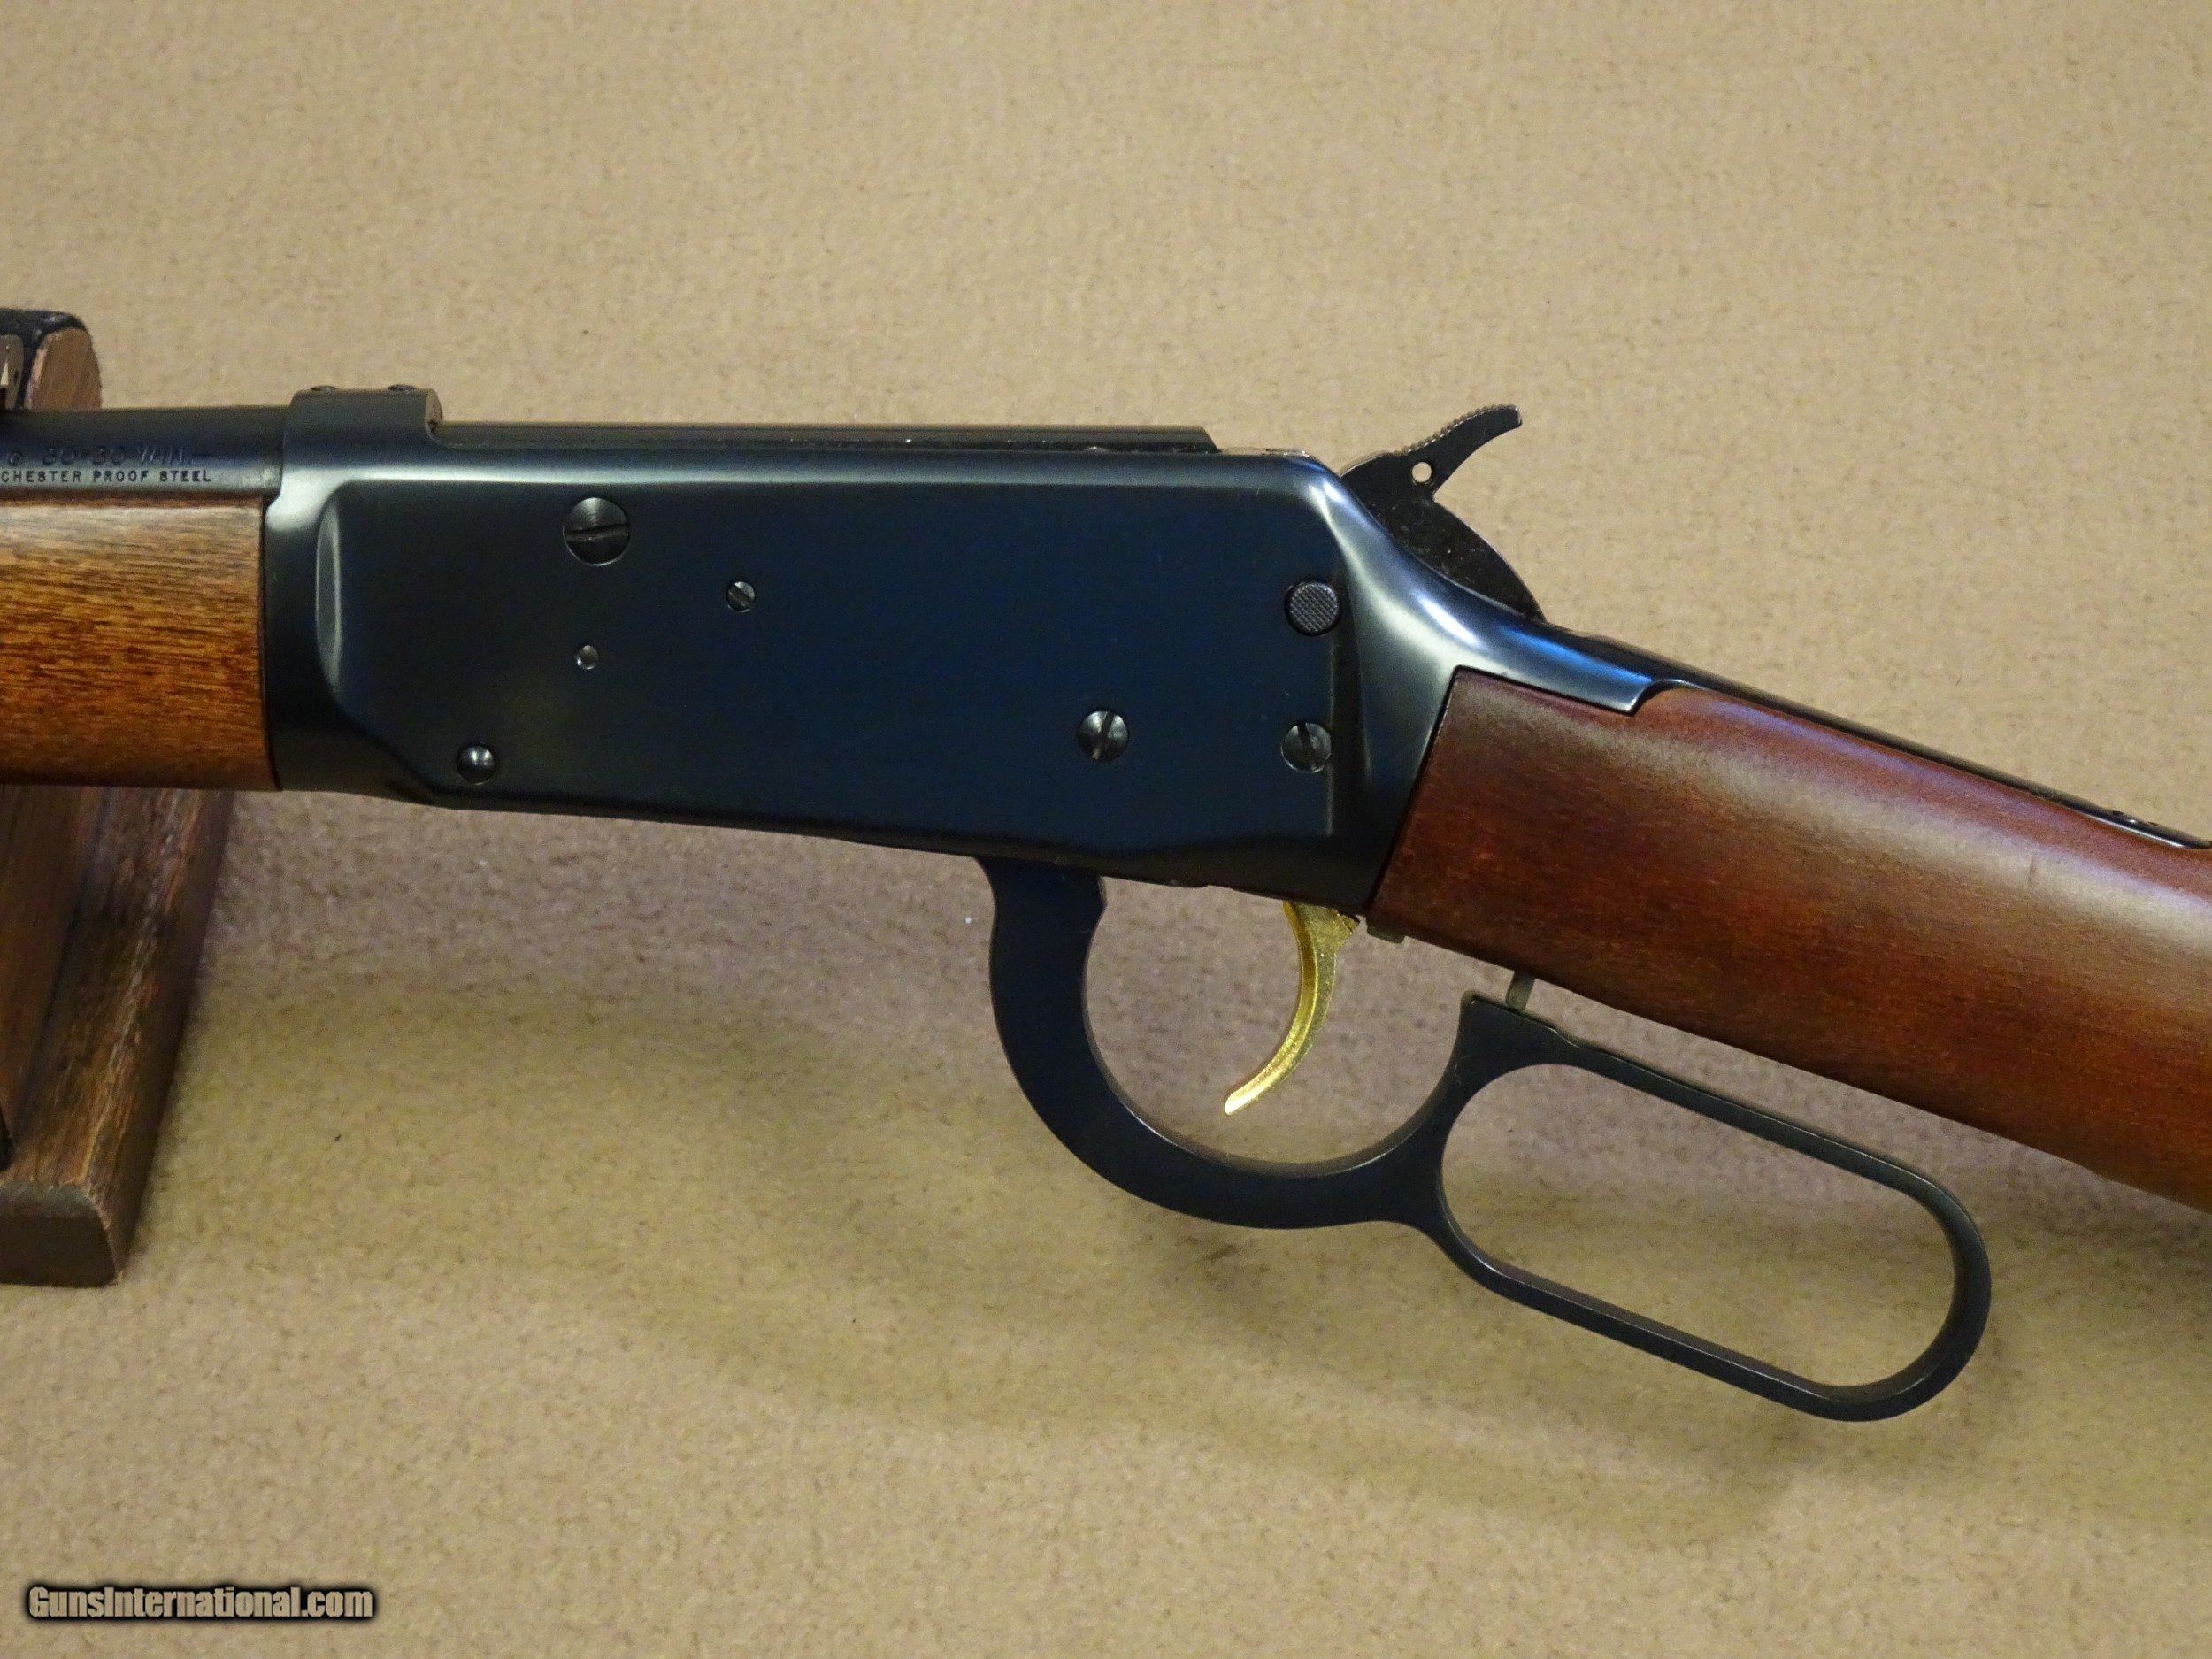 Winchester Model 94 Ranger in  30-30 Winchester Caliber Mfg  in 2000